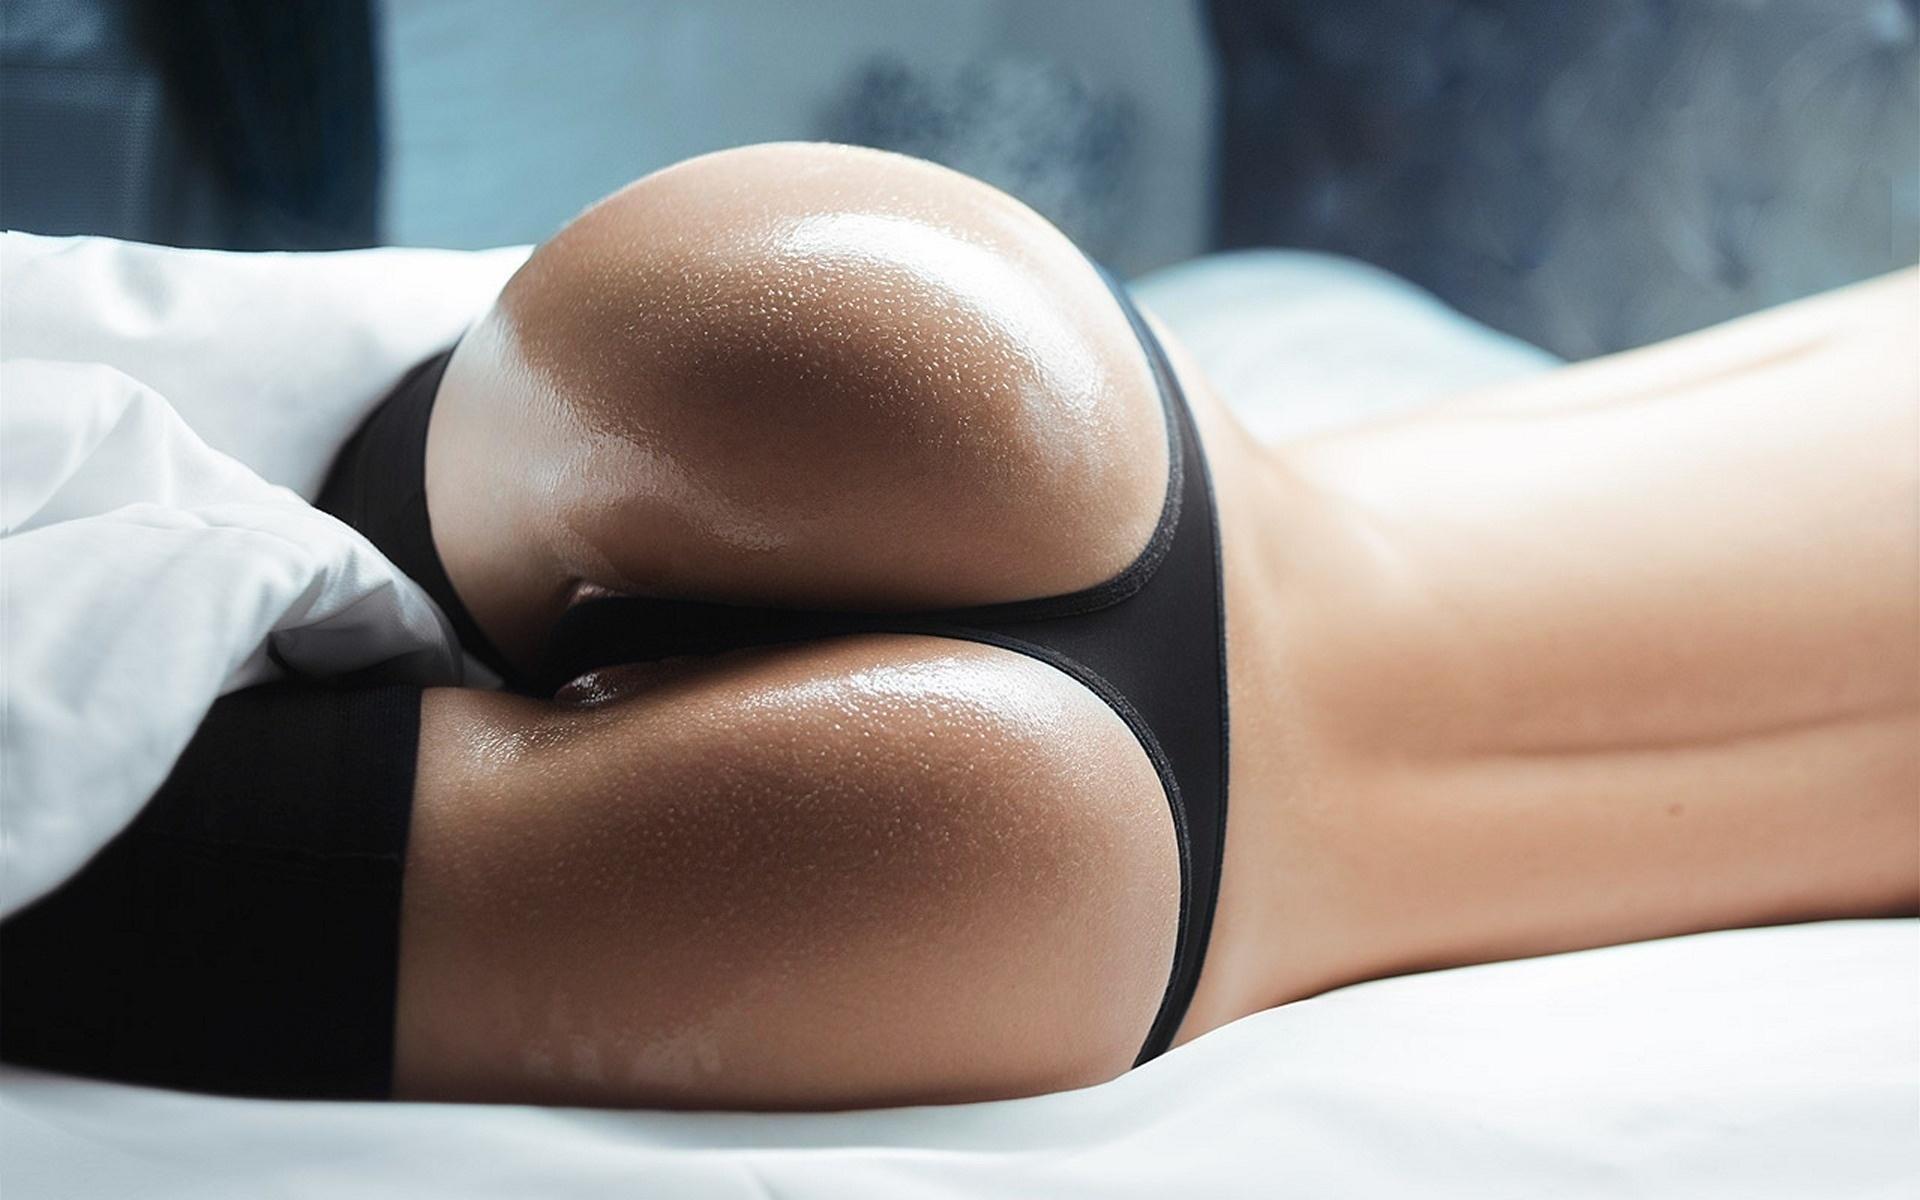 неупругие женские жопы порыве страсти